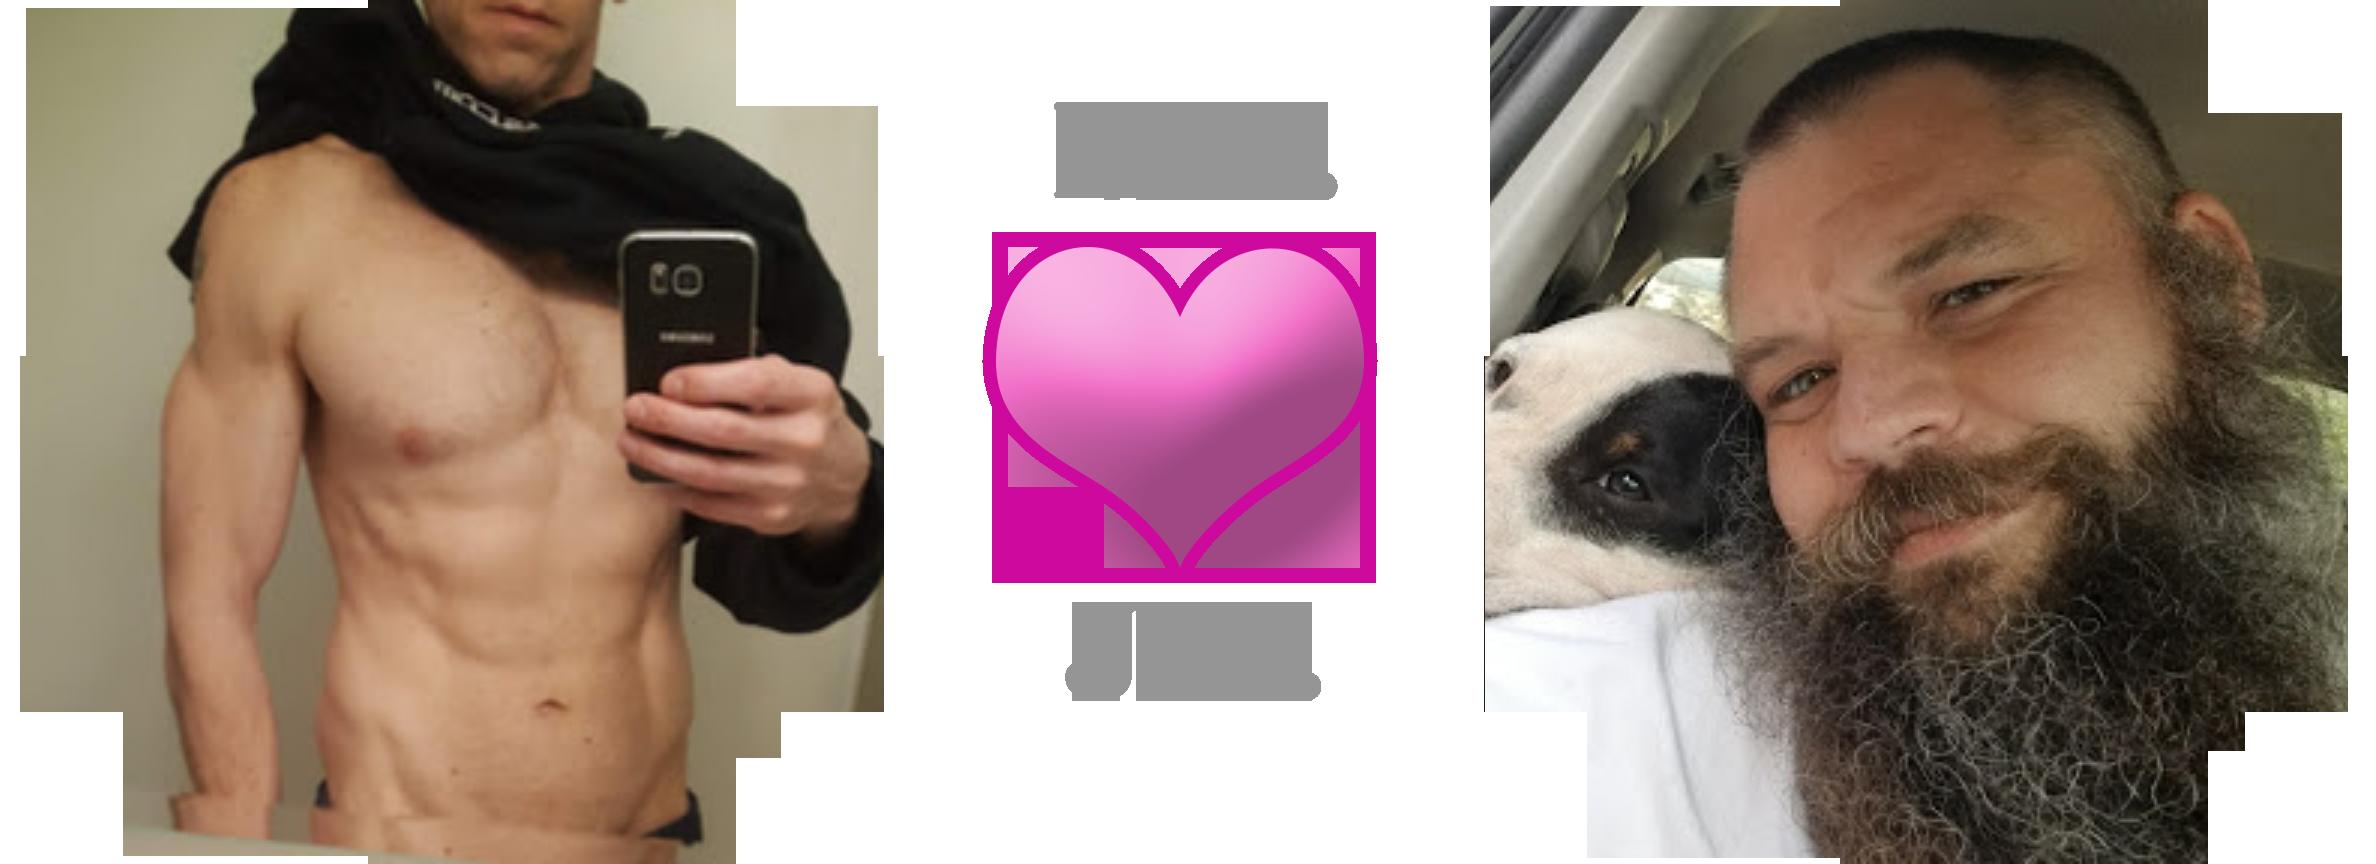 MattyD LOVES Jason Boss